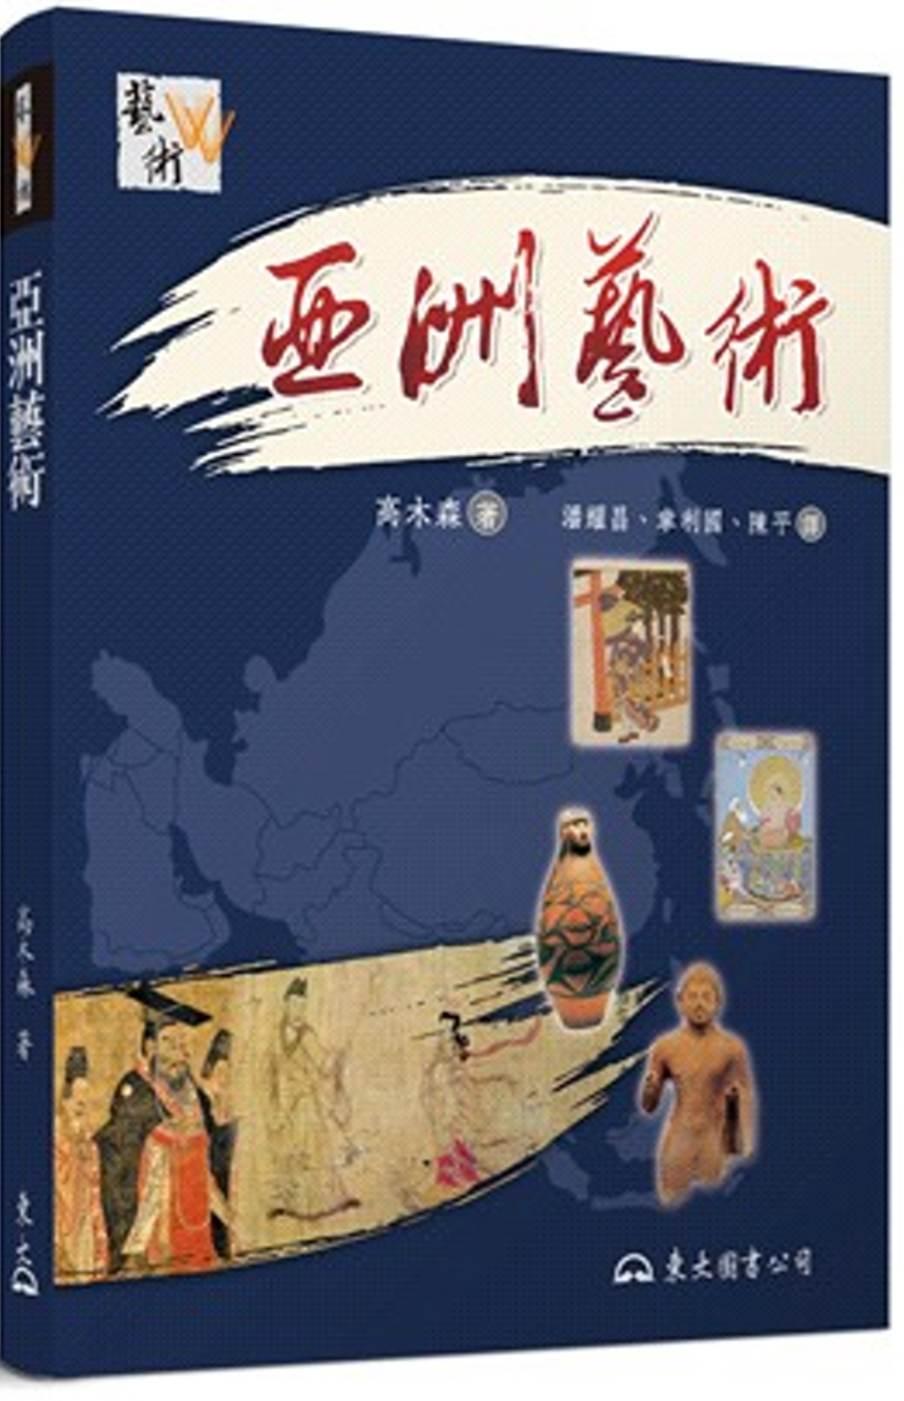 亞洲藝術(二版)